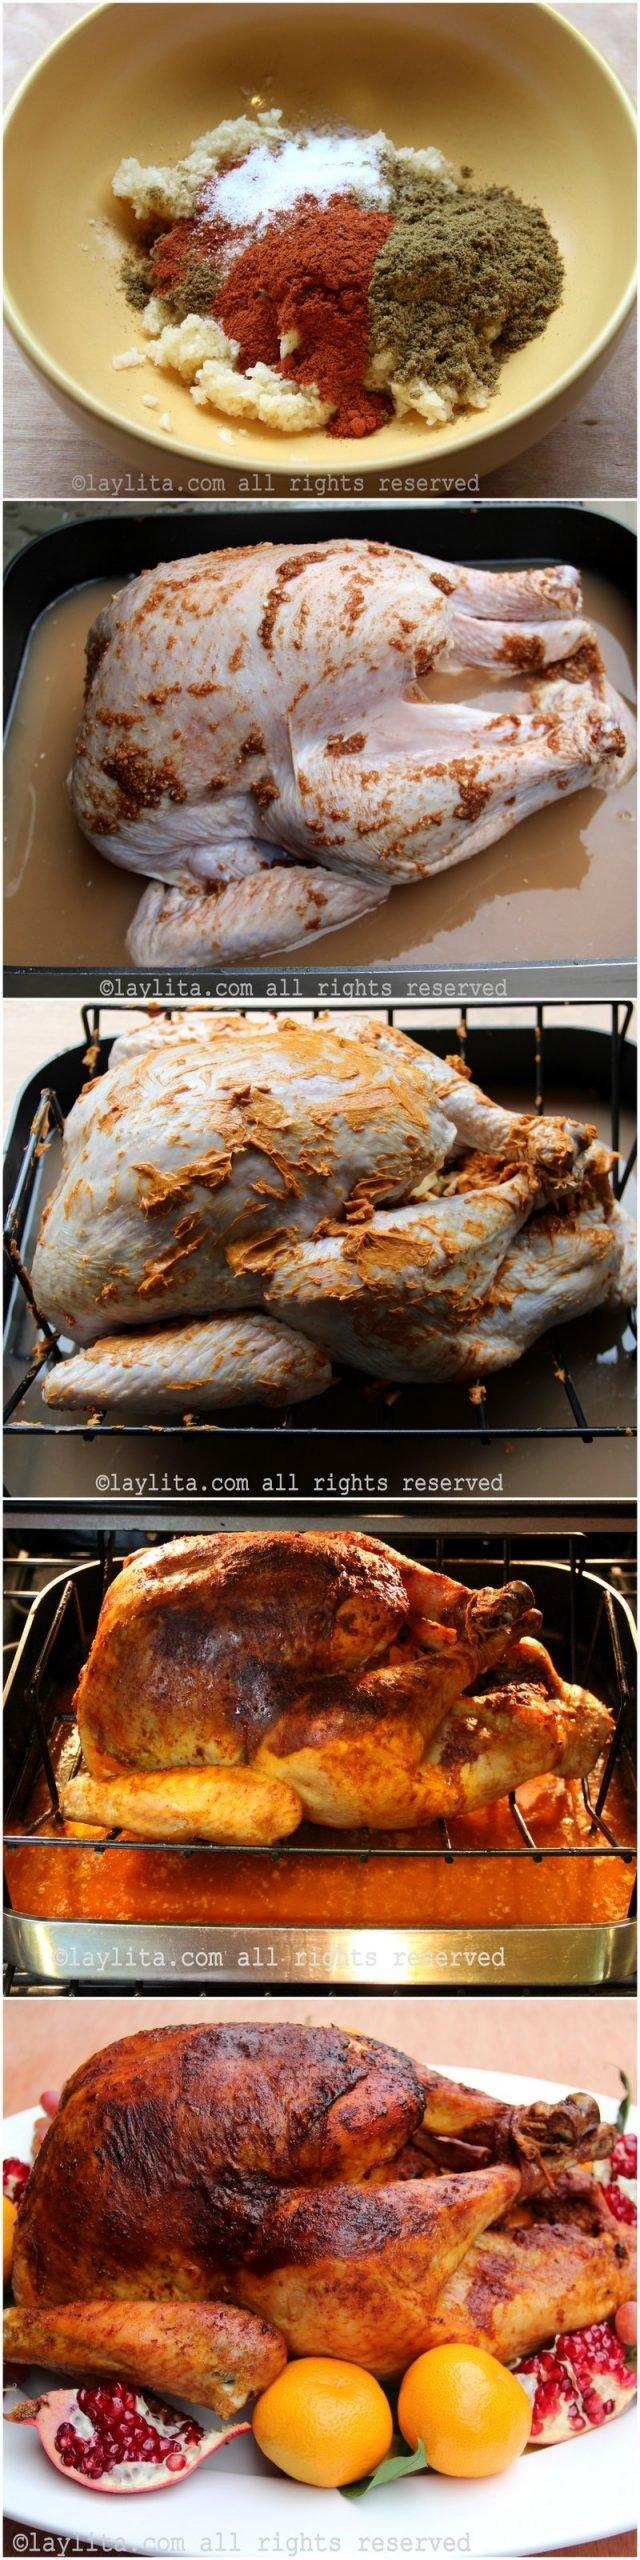 Como preparar el pavo asado para Nochebuena o Navidad